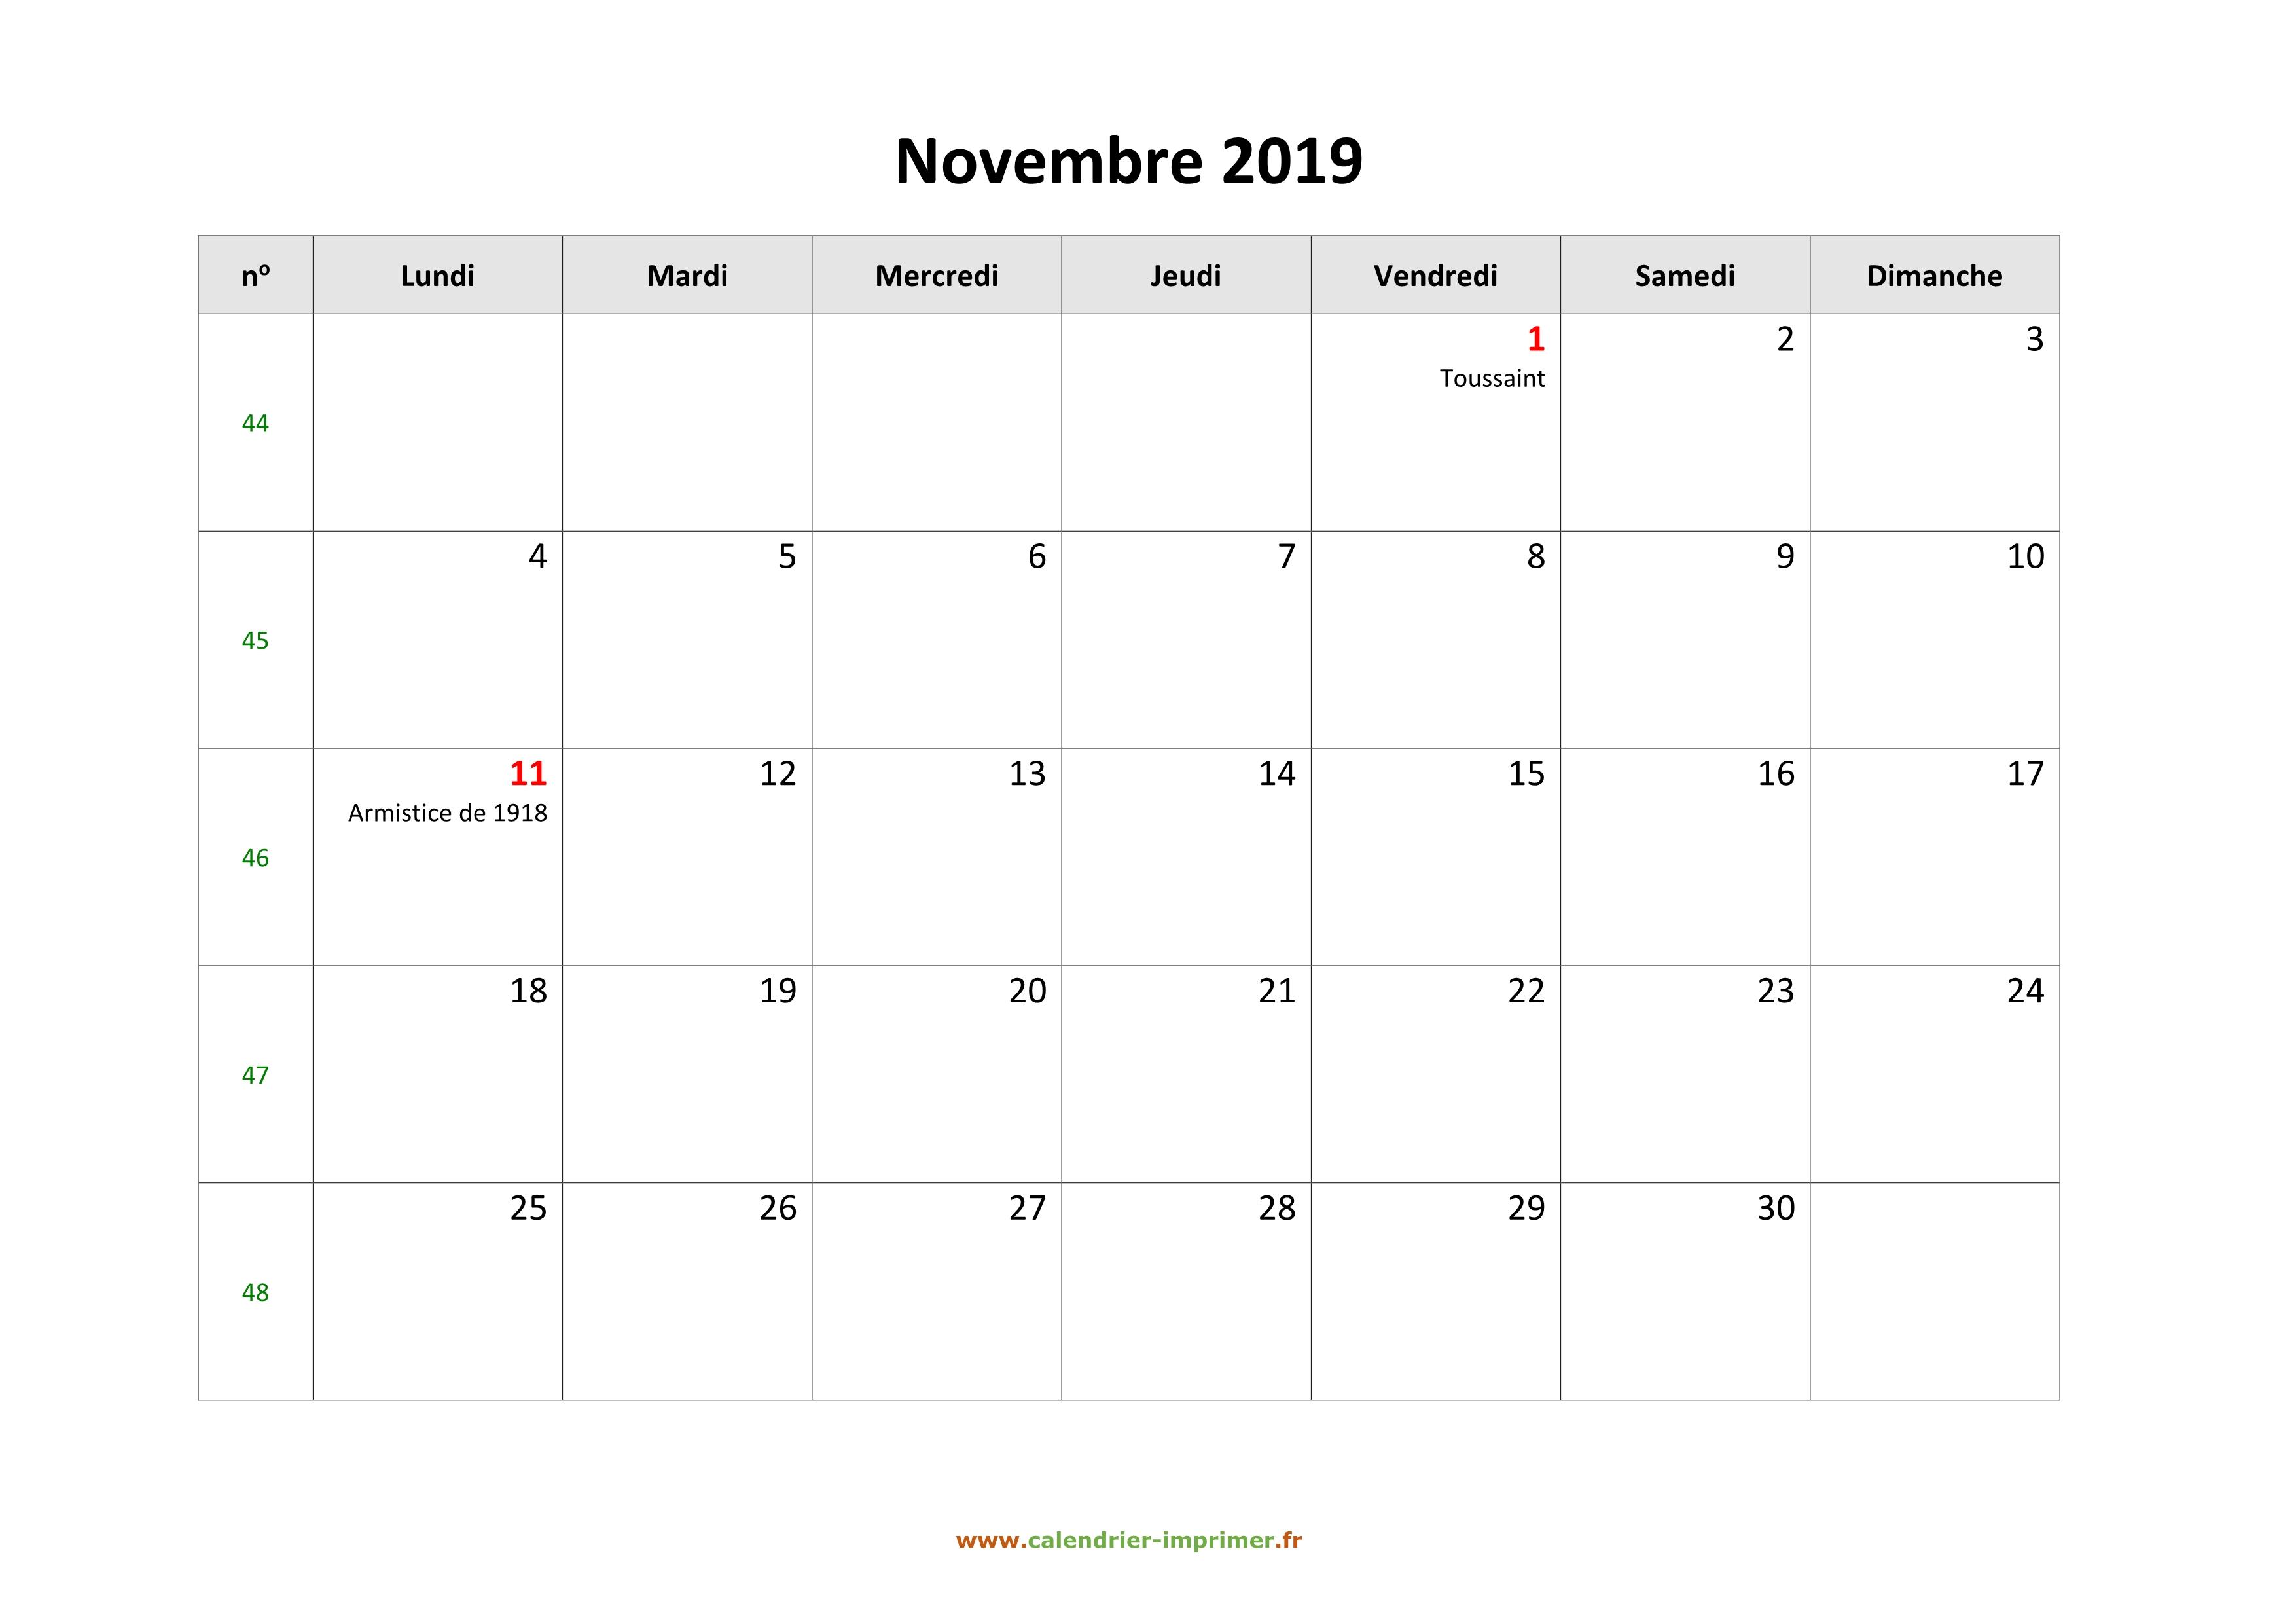 Calendrier A Imprimer Novembre 2019.Calendrier Novembre 2019 A Imprimer